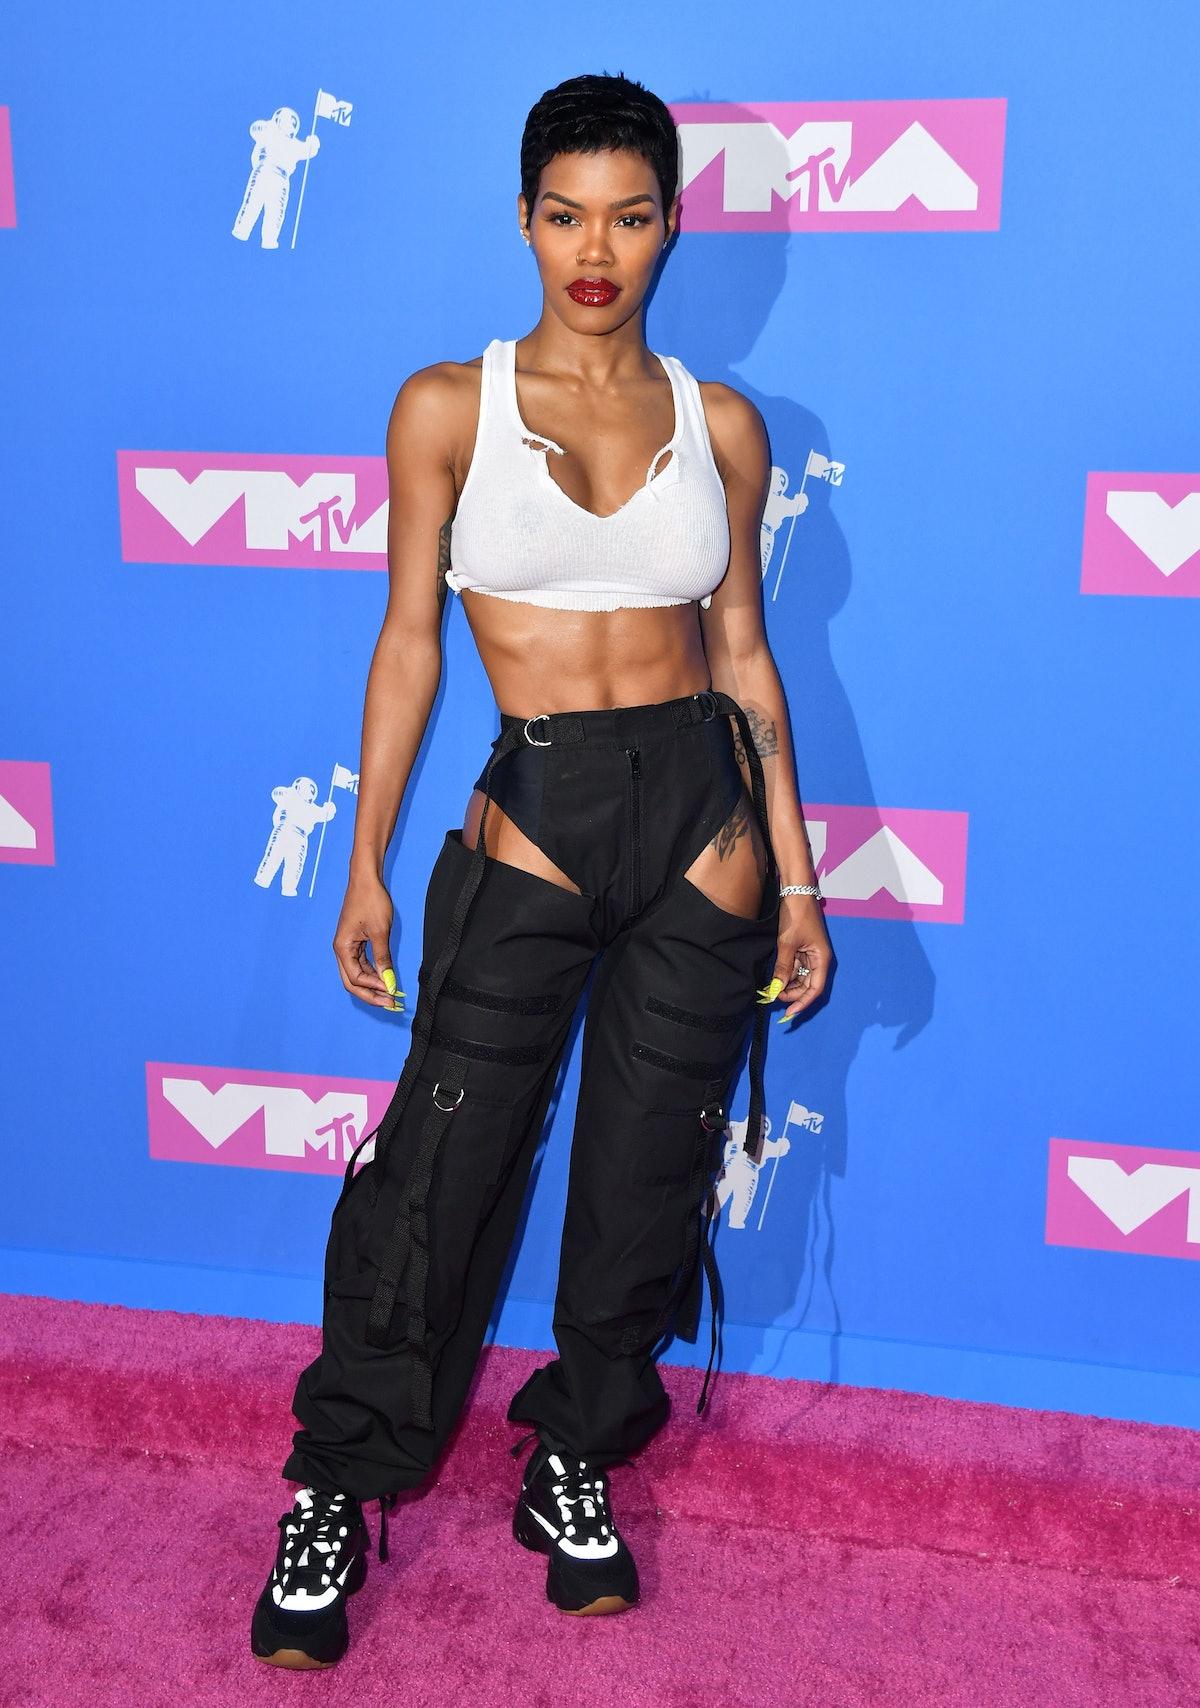 تیانا تیلور در مراسم اهدای جوایز موسیقی MTV 2018 در سالن رادیو سیتی موزیک در 20 آگوست 2018 در ...